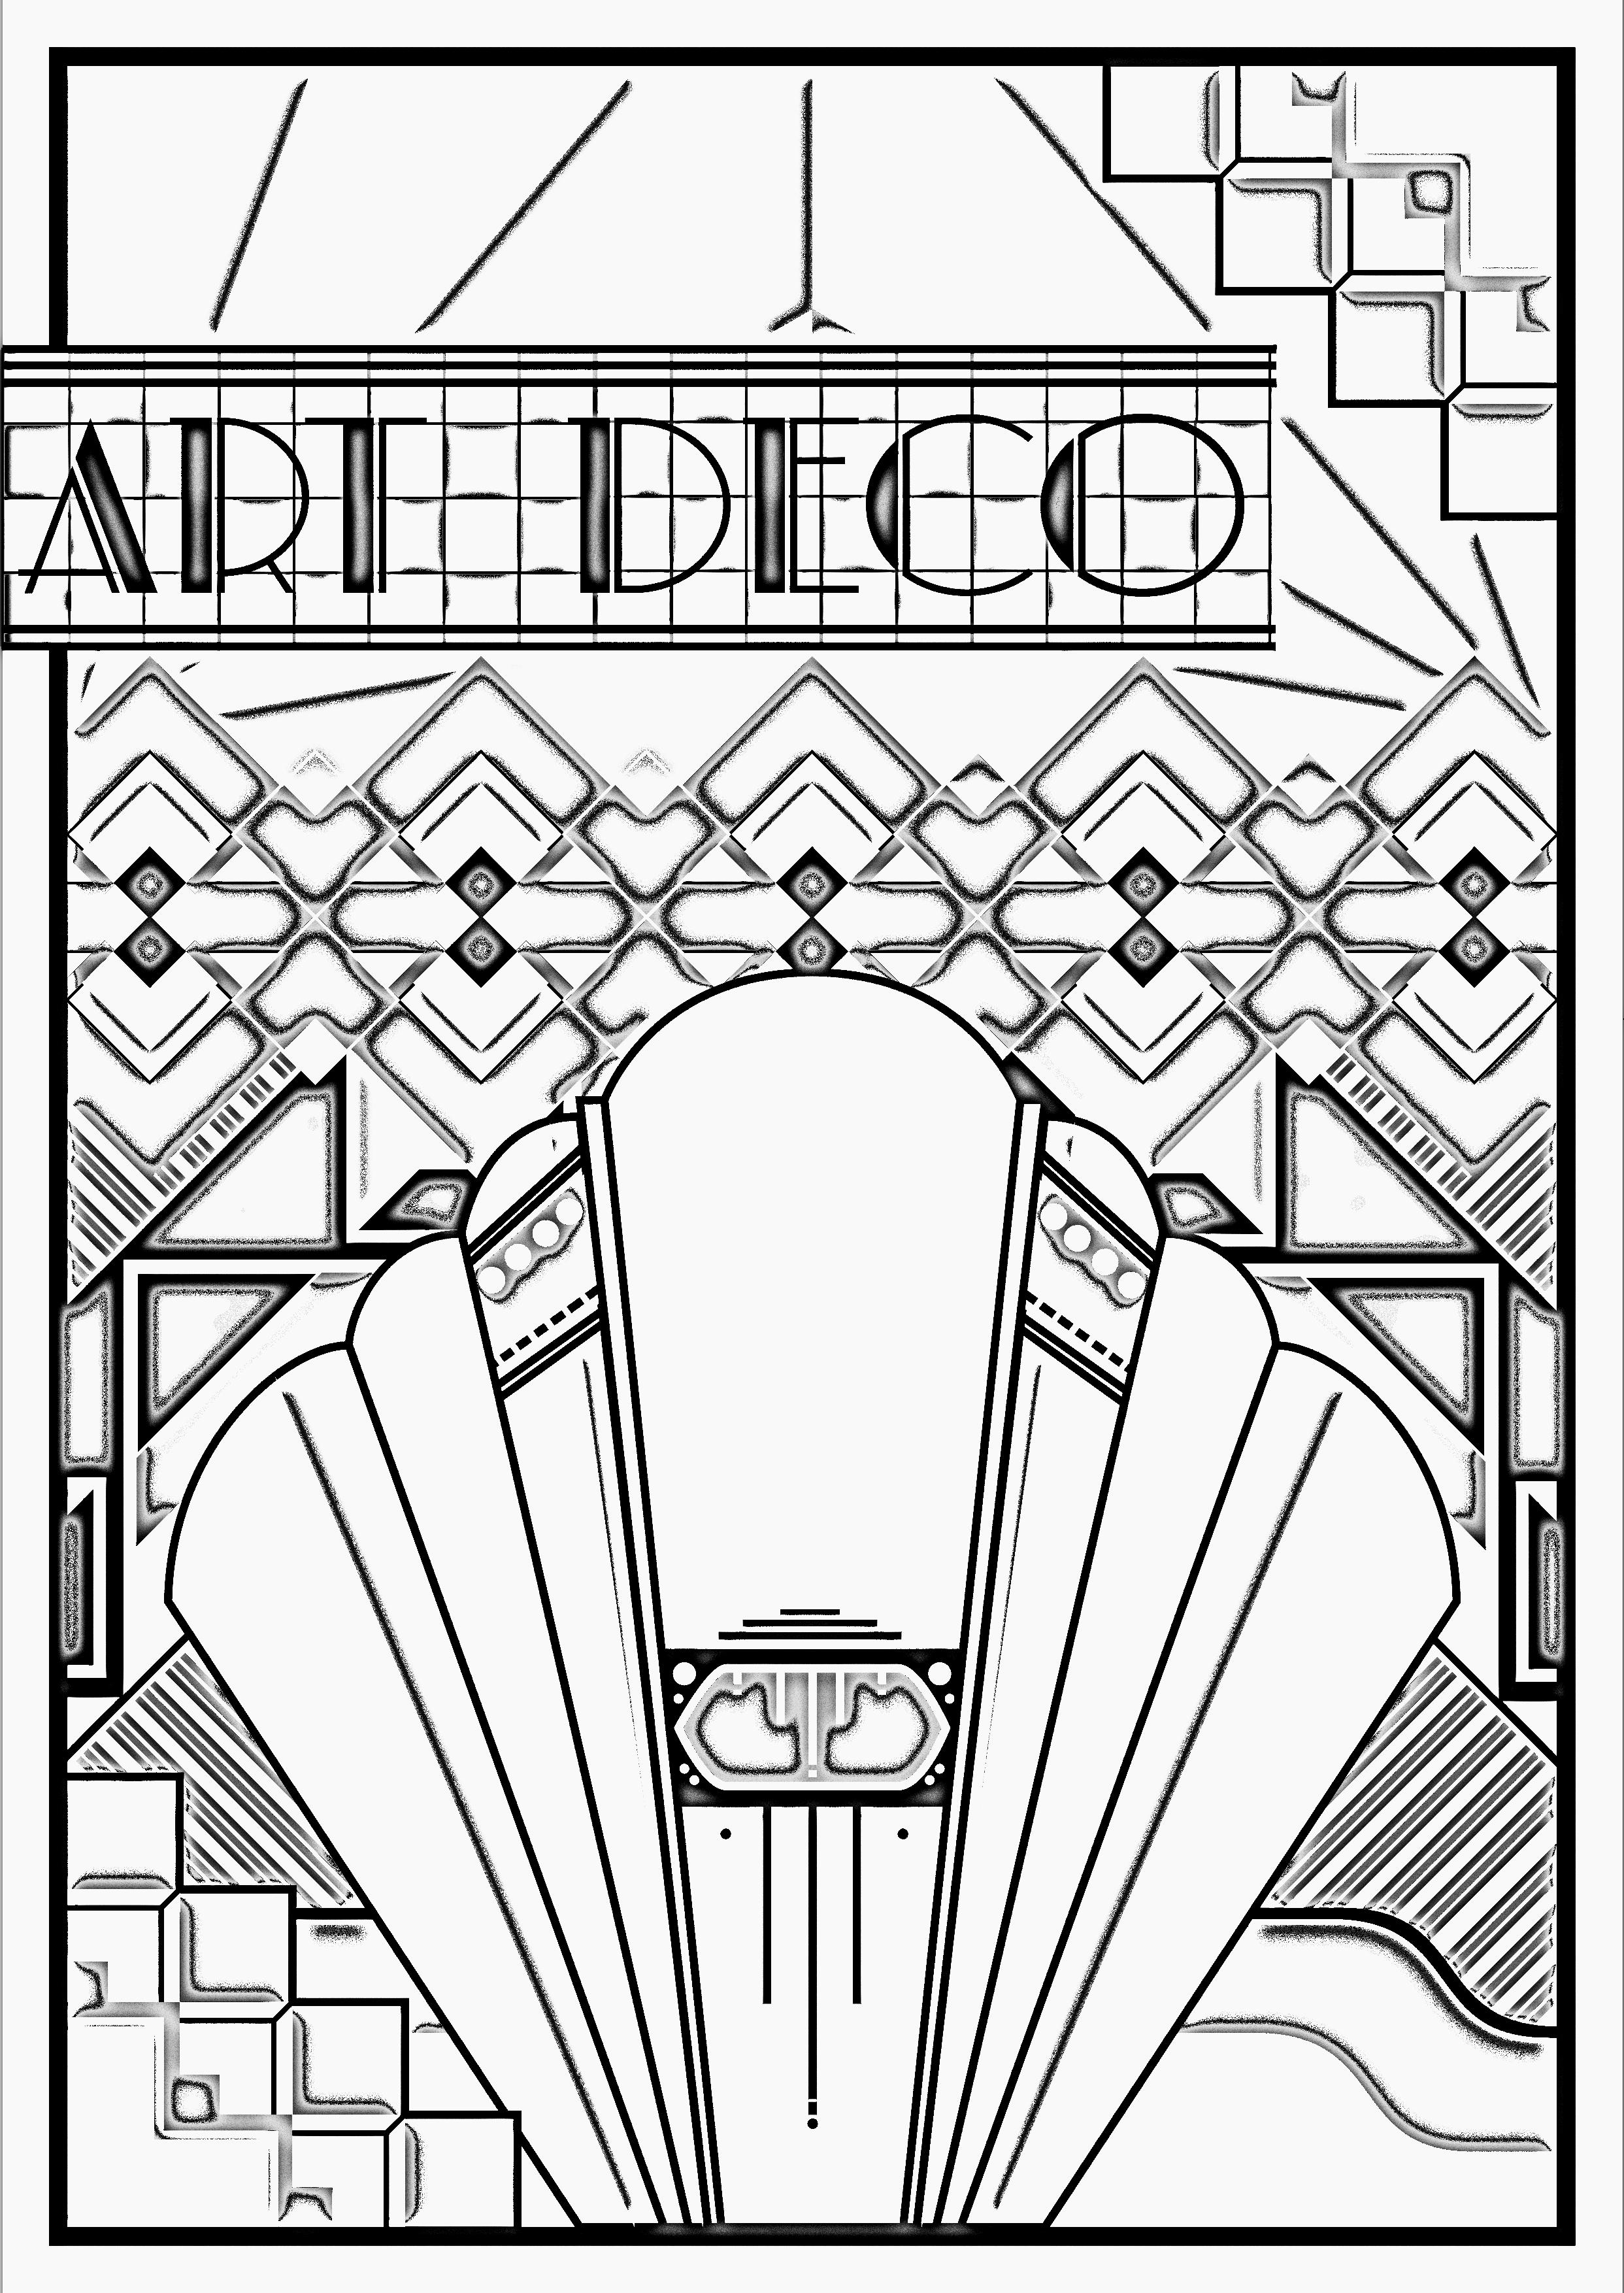 Disegni da colorare per adulti : Art deco - 13